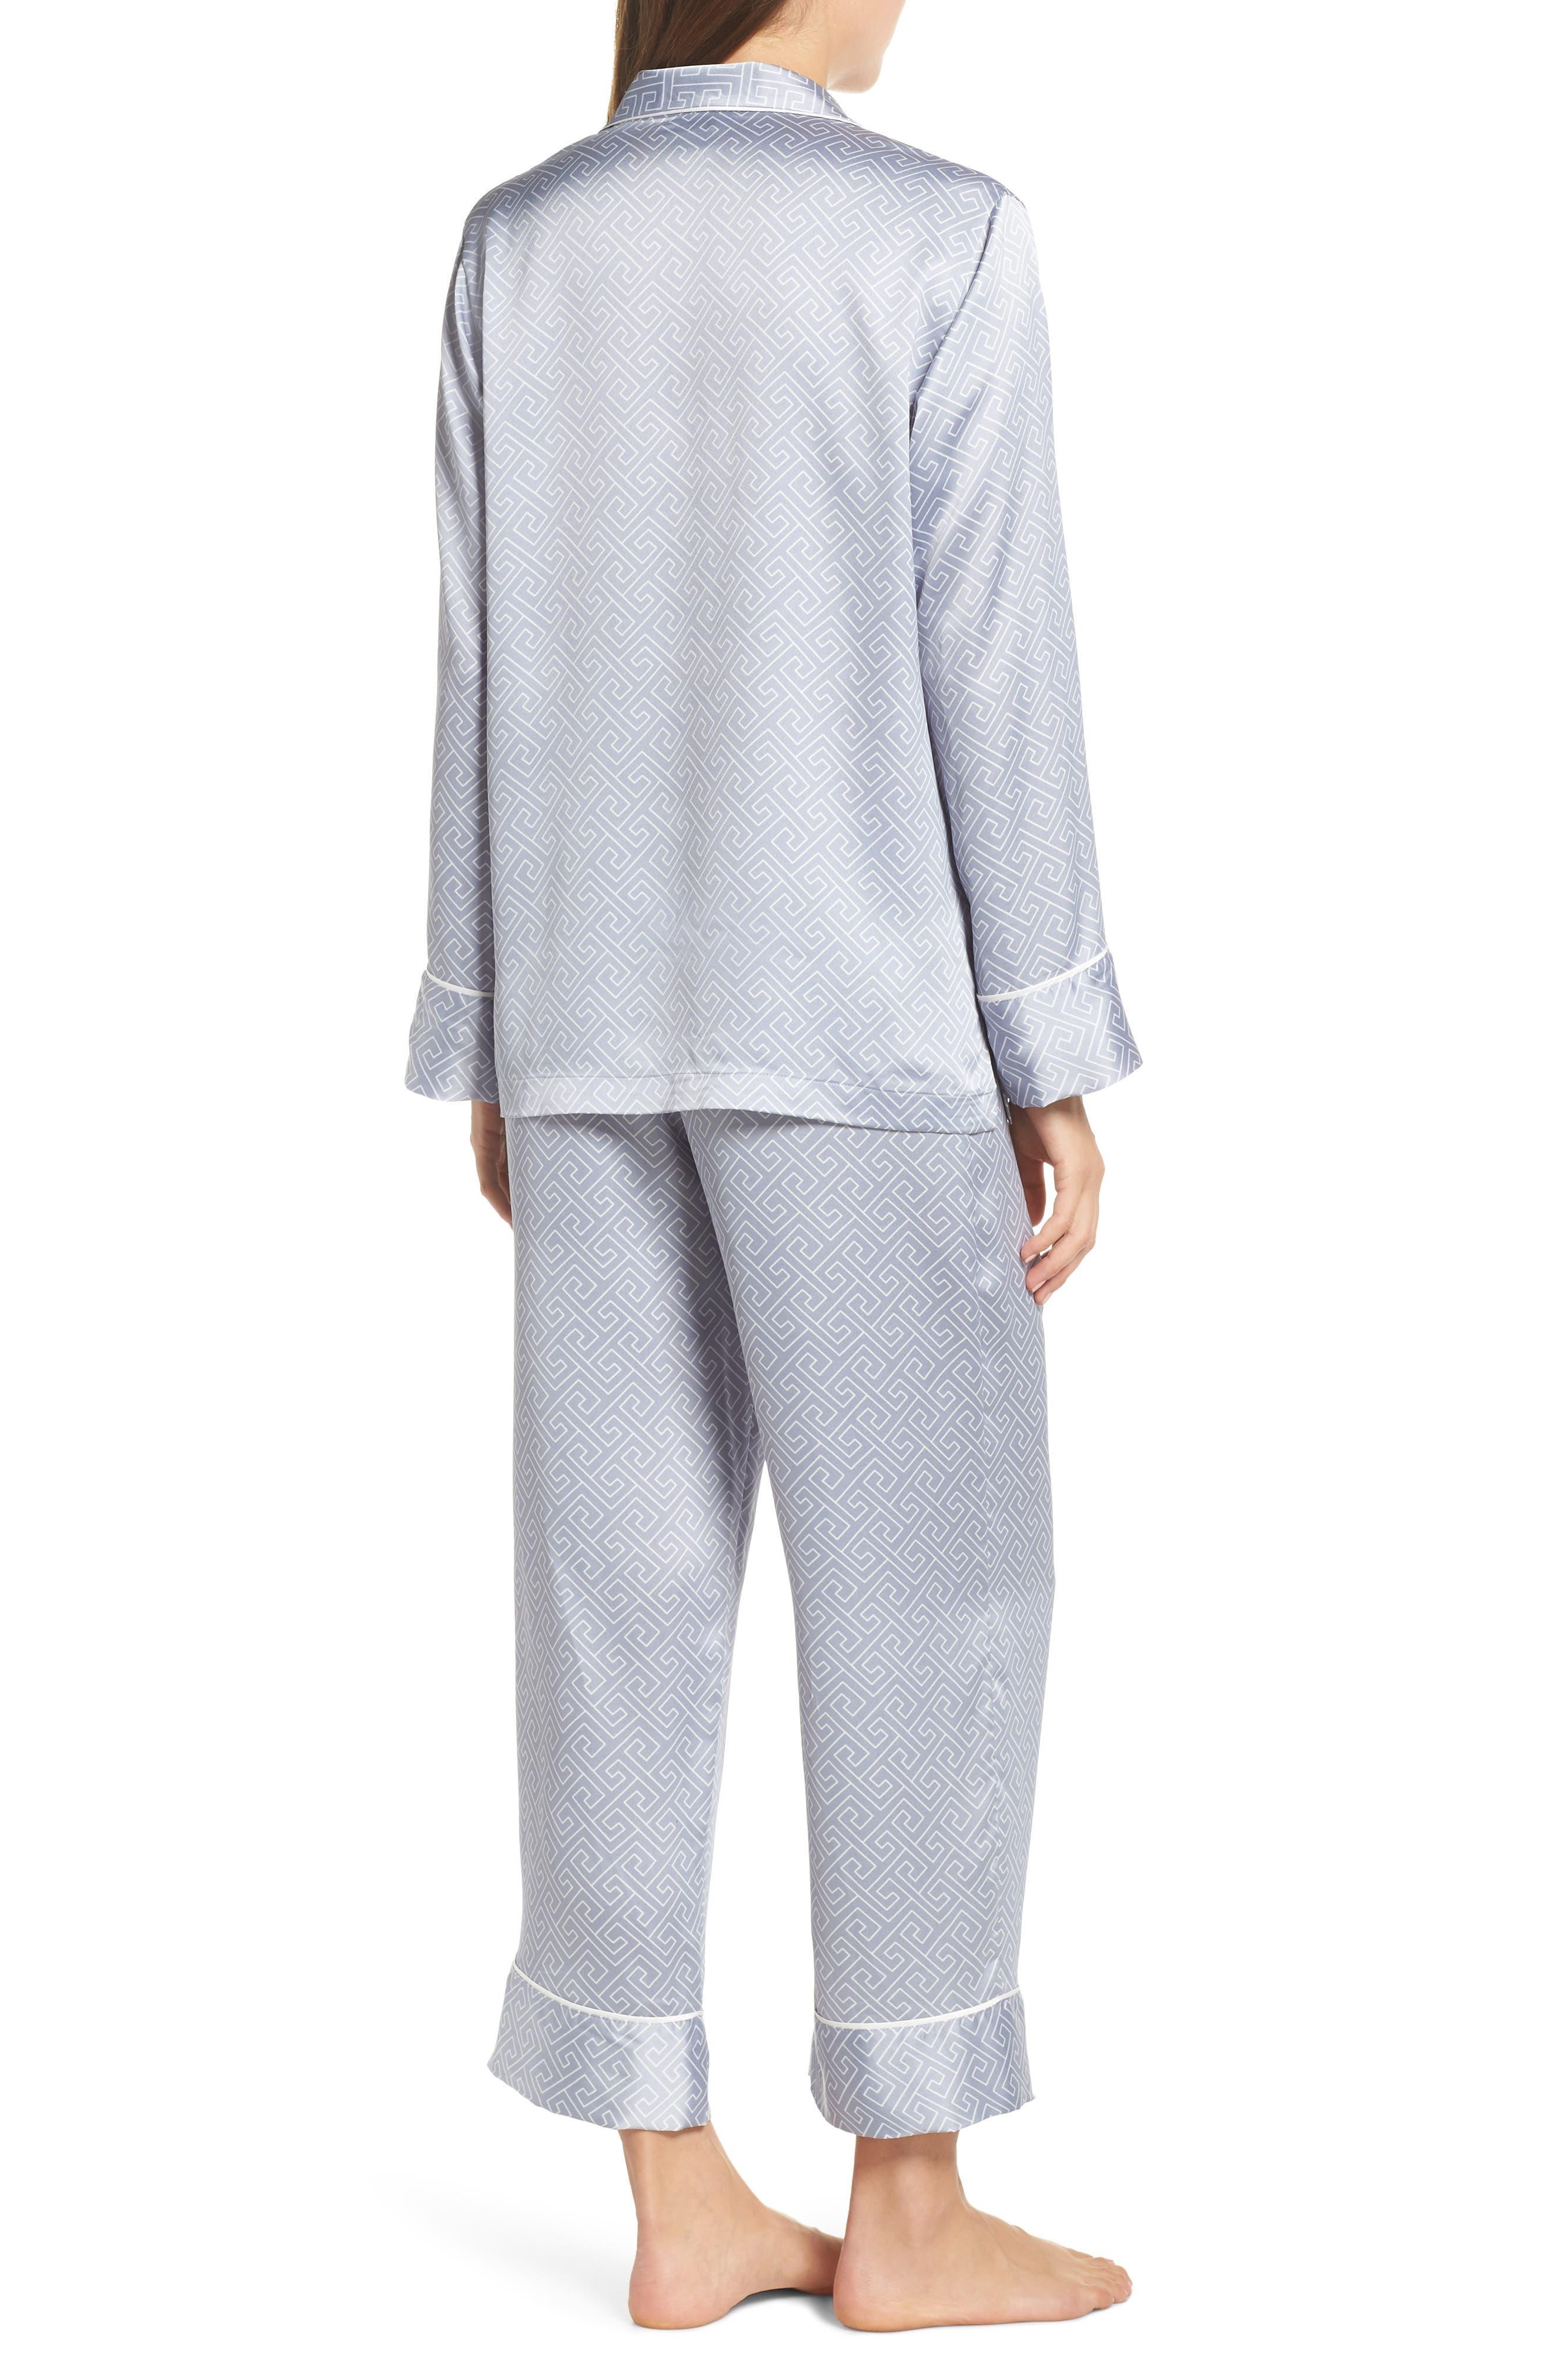 Labyrinth Satin Pajamas,                             Alternate thumbnail 2, color,                             SMOKY IRIS